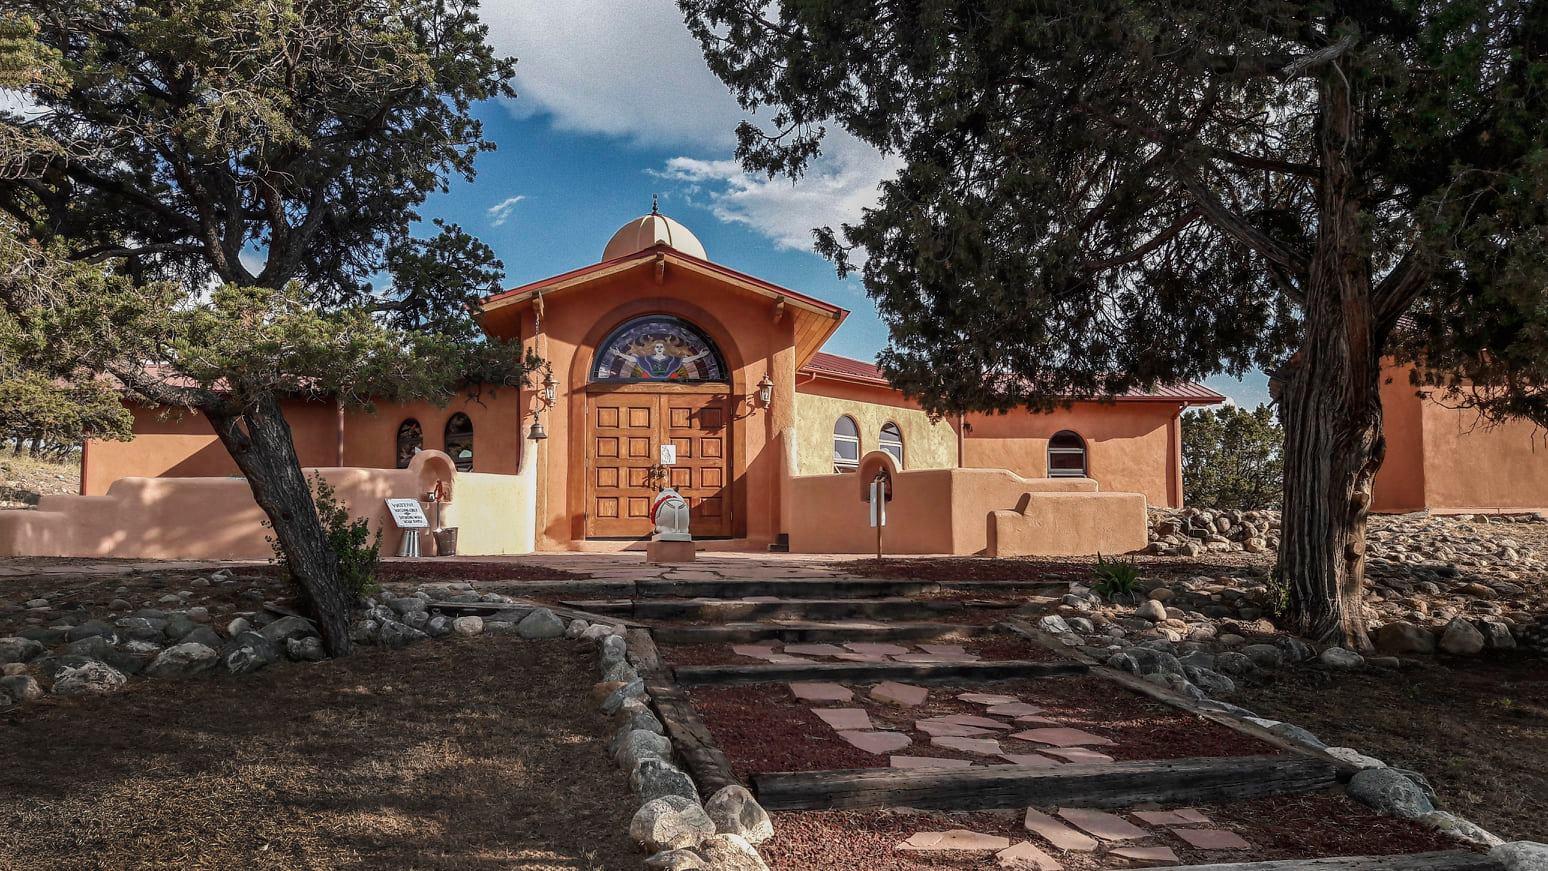 image of the Haidakandi Ashram in Crestone